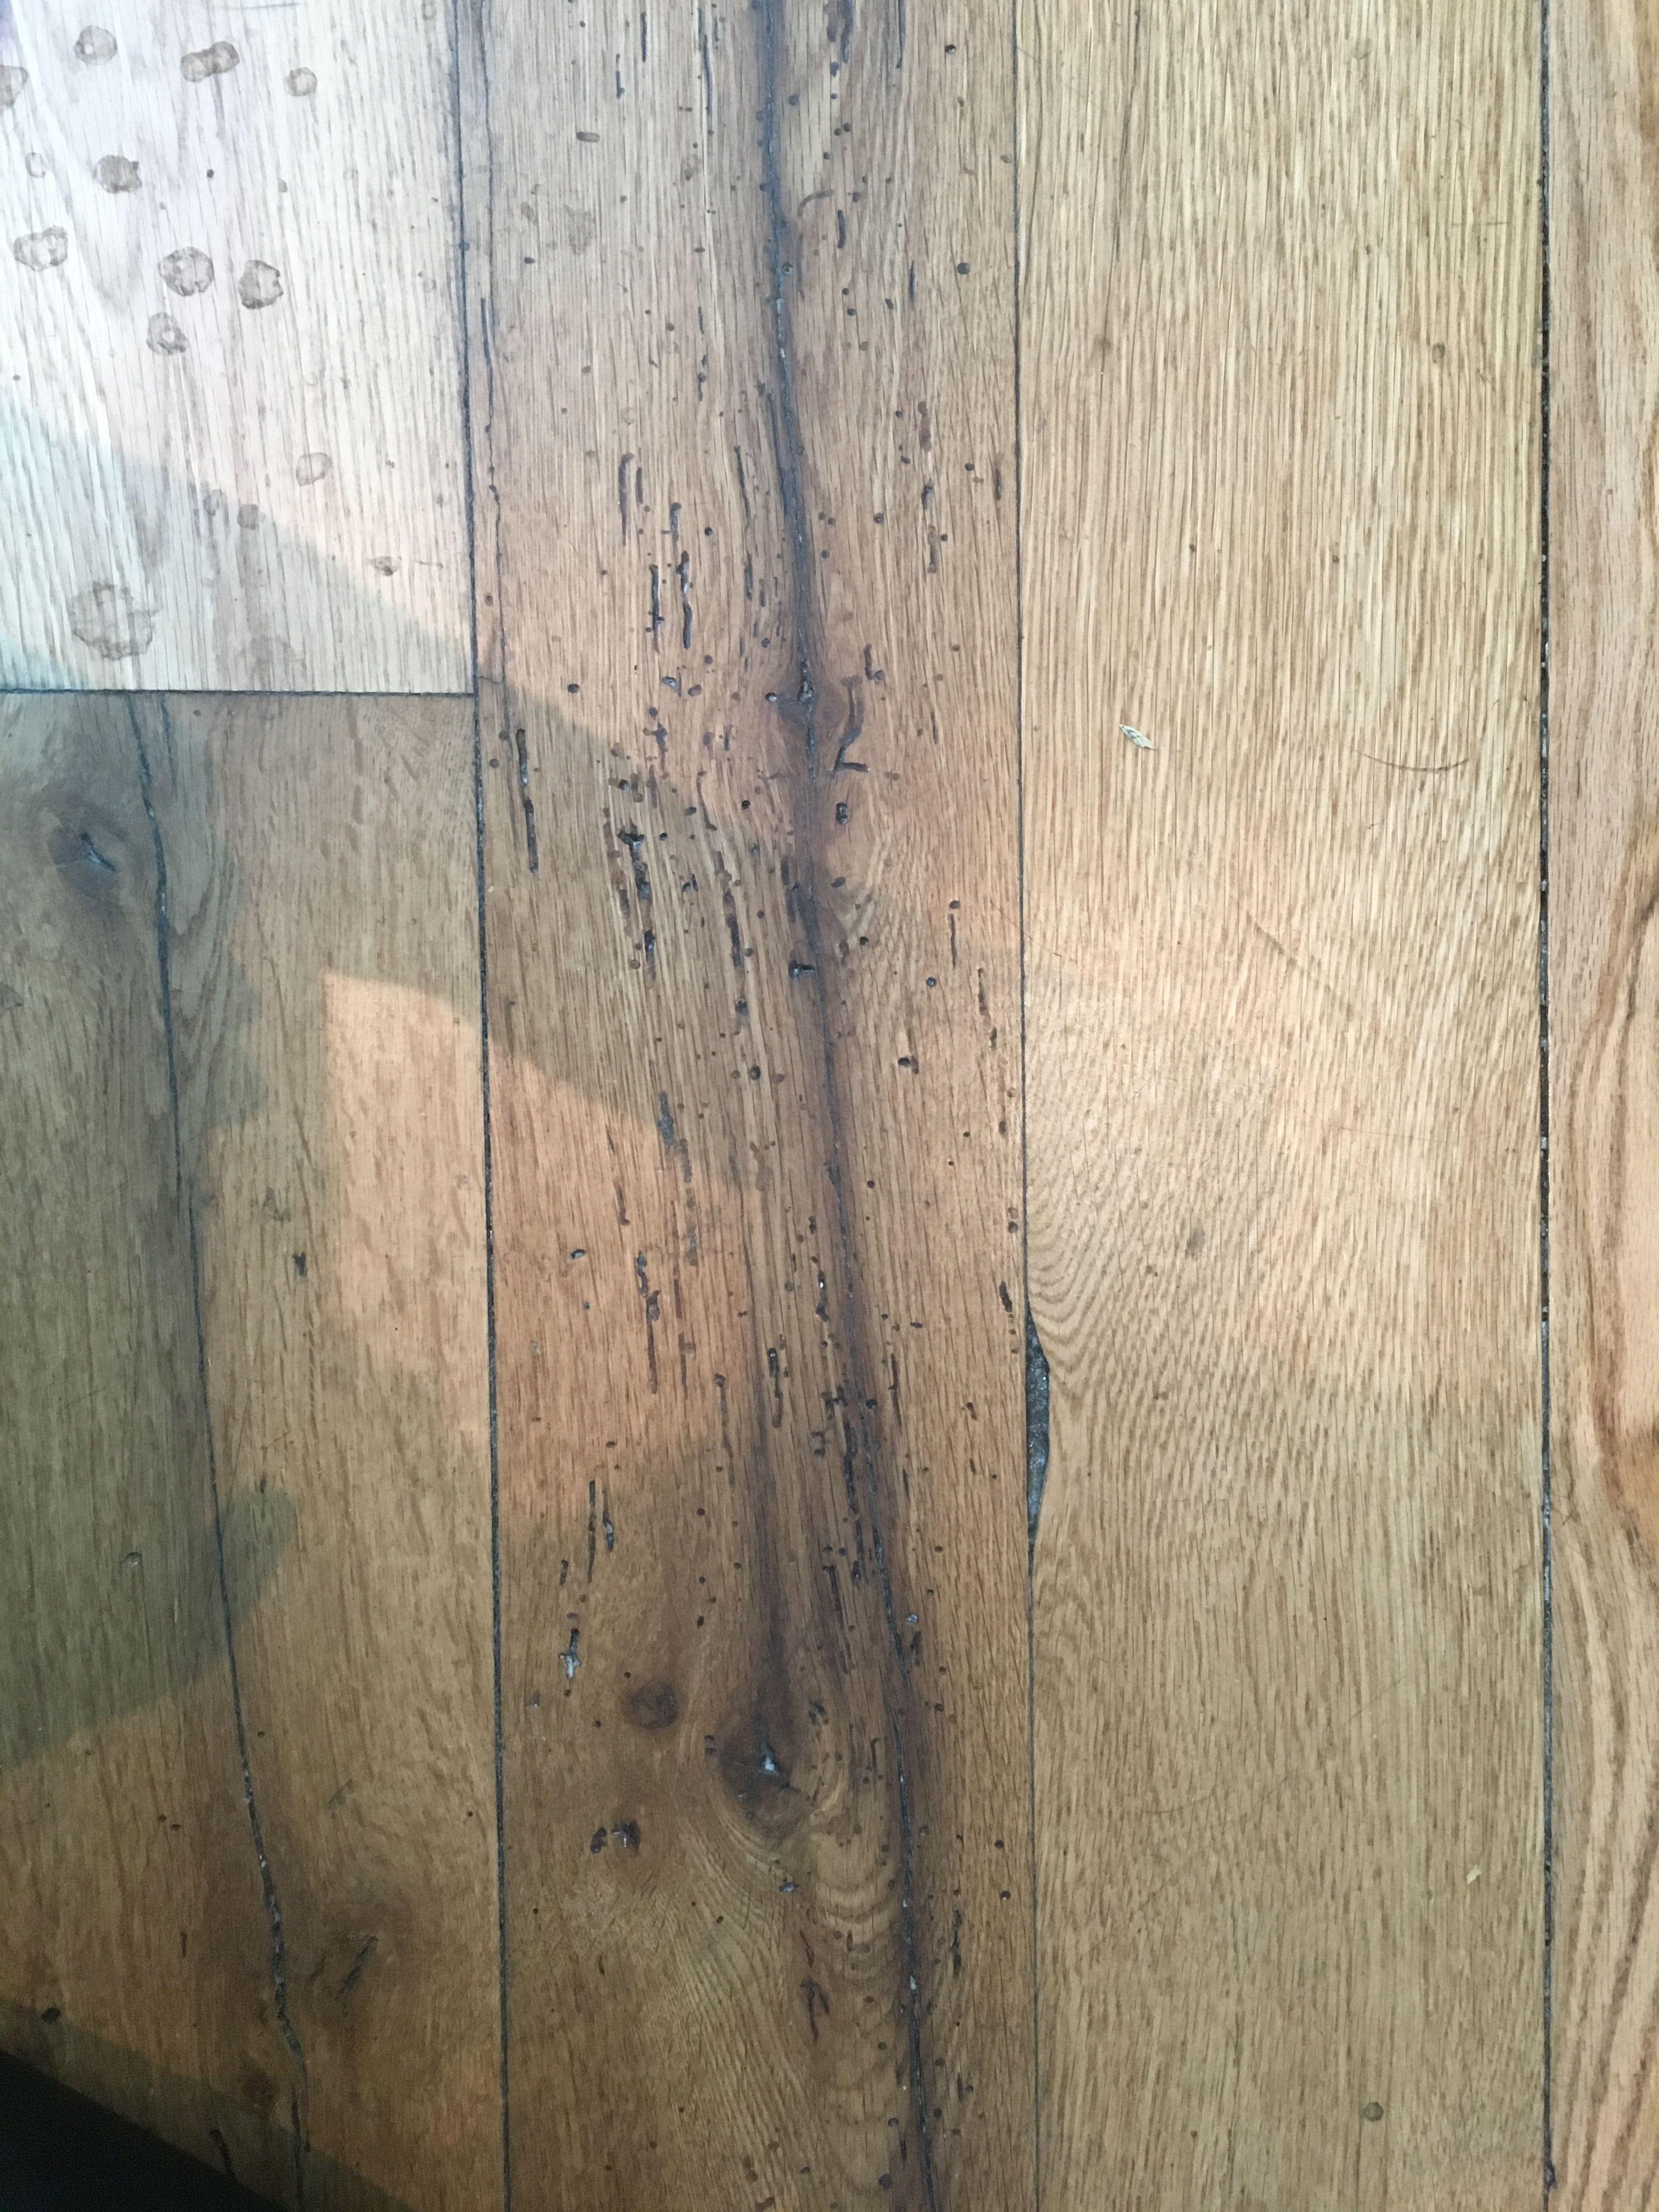 Flooring at JW Marriott. Distressed. Flooring, Hardwood